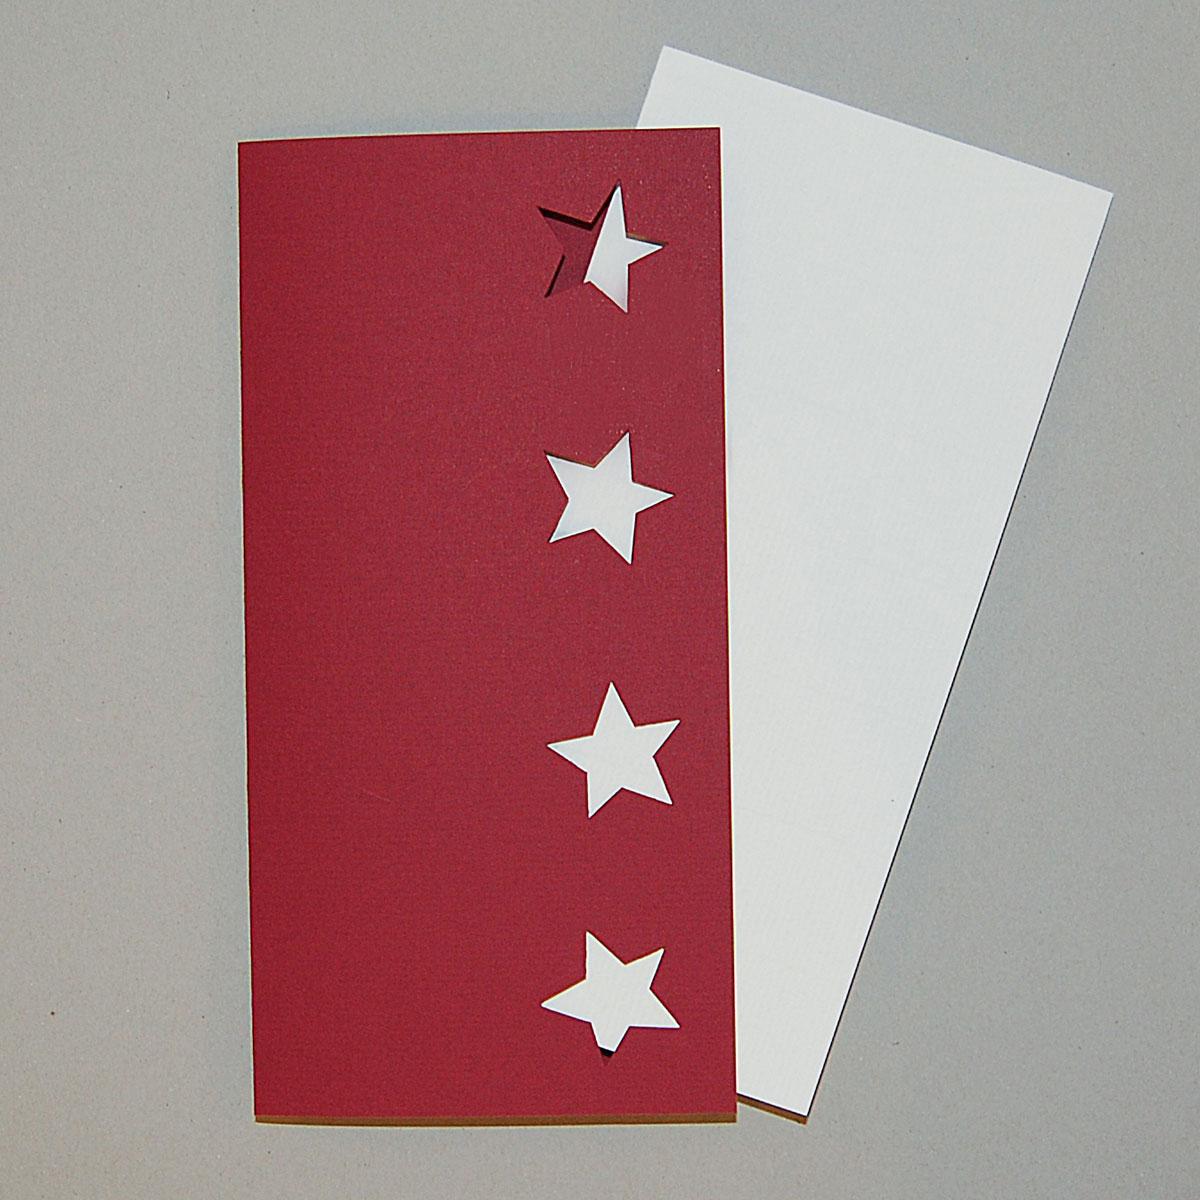 Rote Weihnachtskarten.Rote Weihnachtskarten Susanne Klotz Gestanzte Sterne